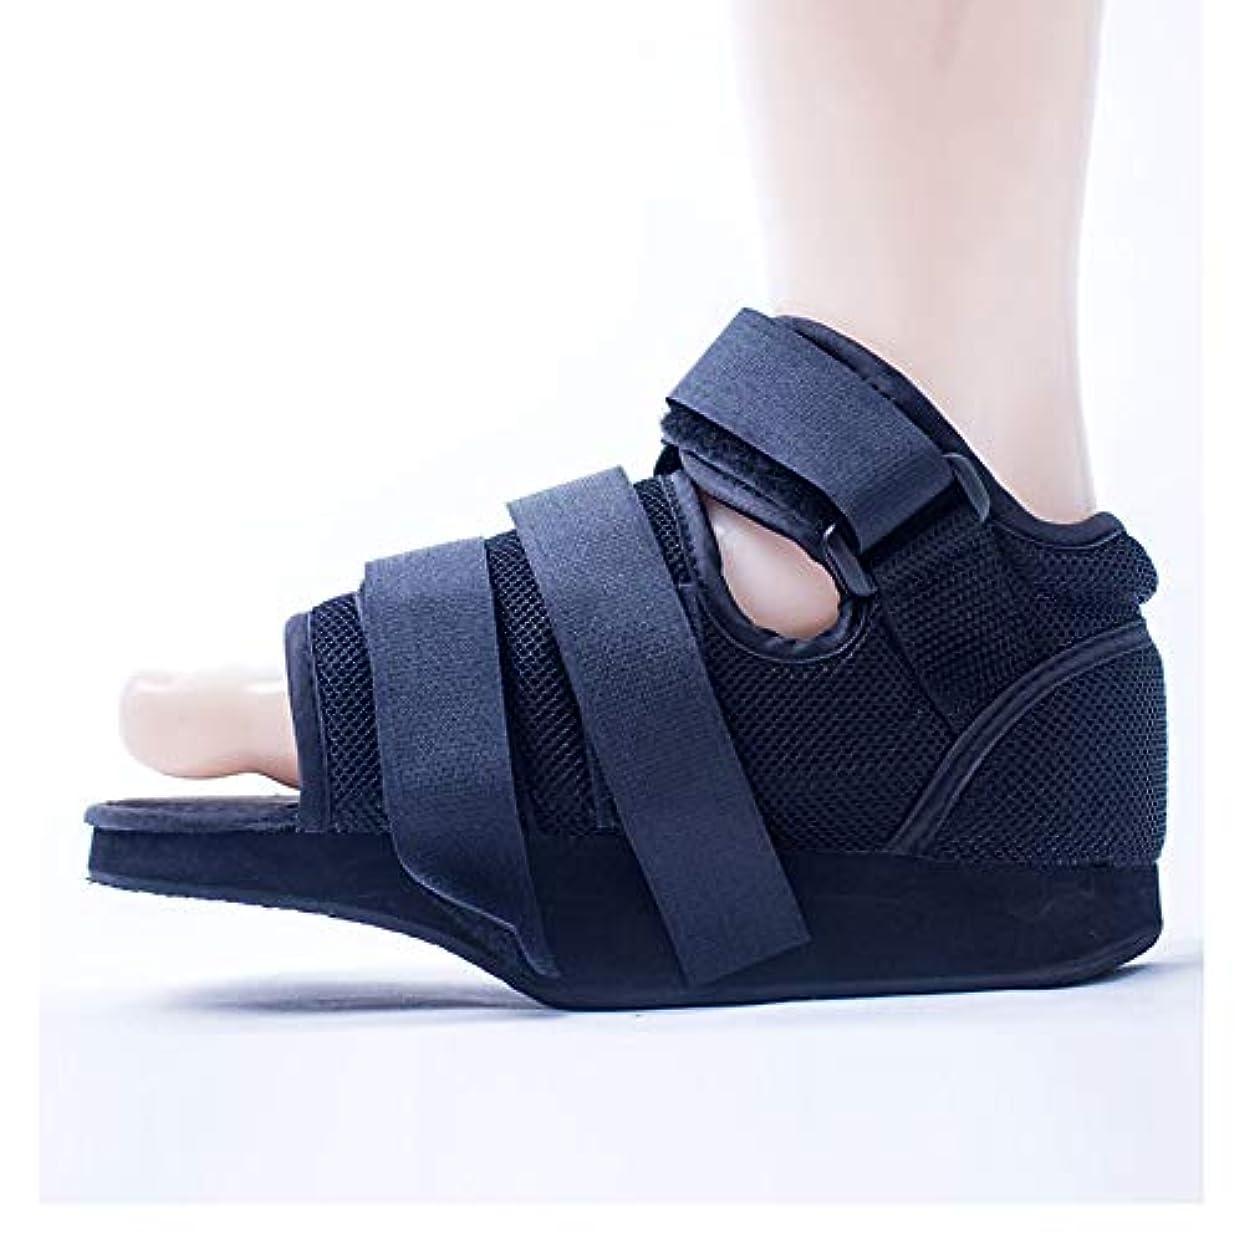 種傾向フットボール壊れたつま先/足の骨折のための術後スクエアトゥウォーキングシューズ - ボトムキャストシューズ術後の靴 - 調節可能な医療ウォーキングブーツ (Size : L)